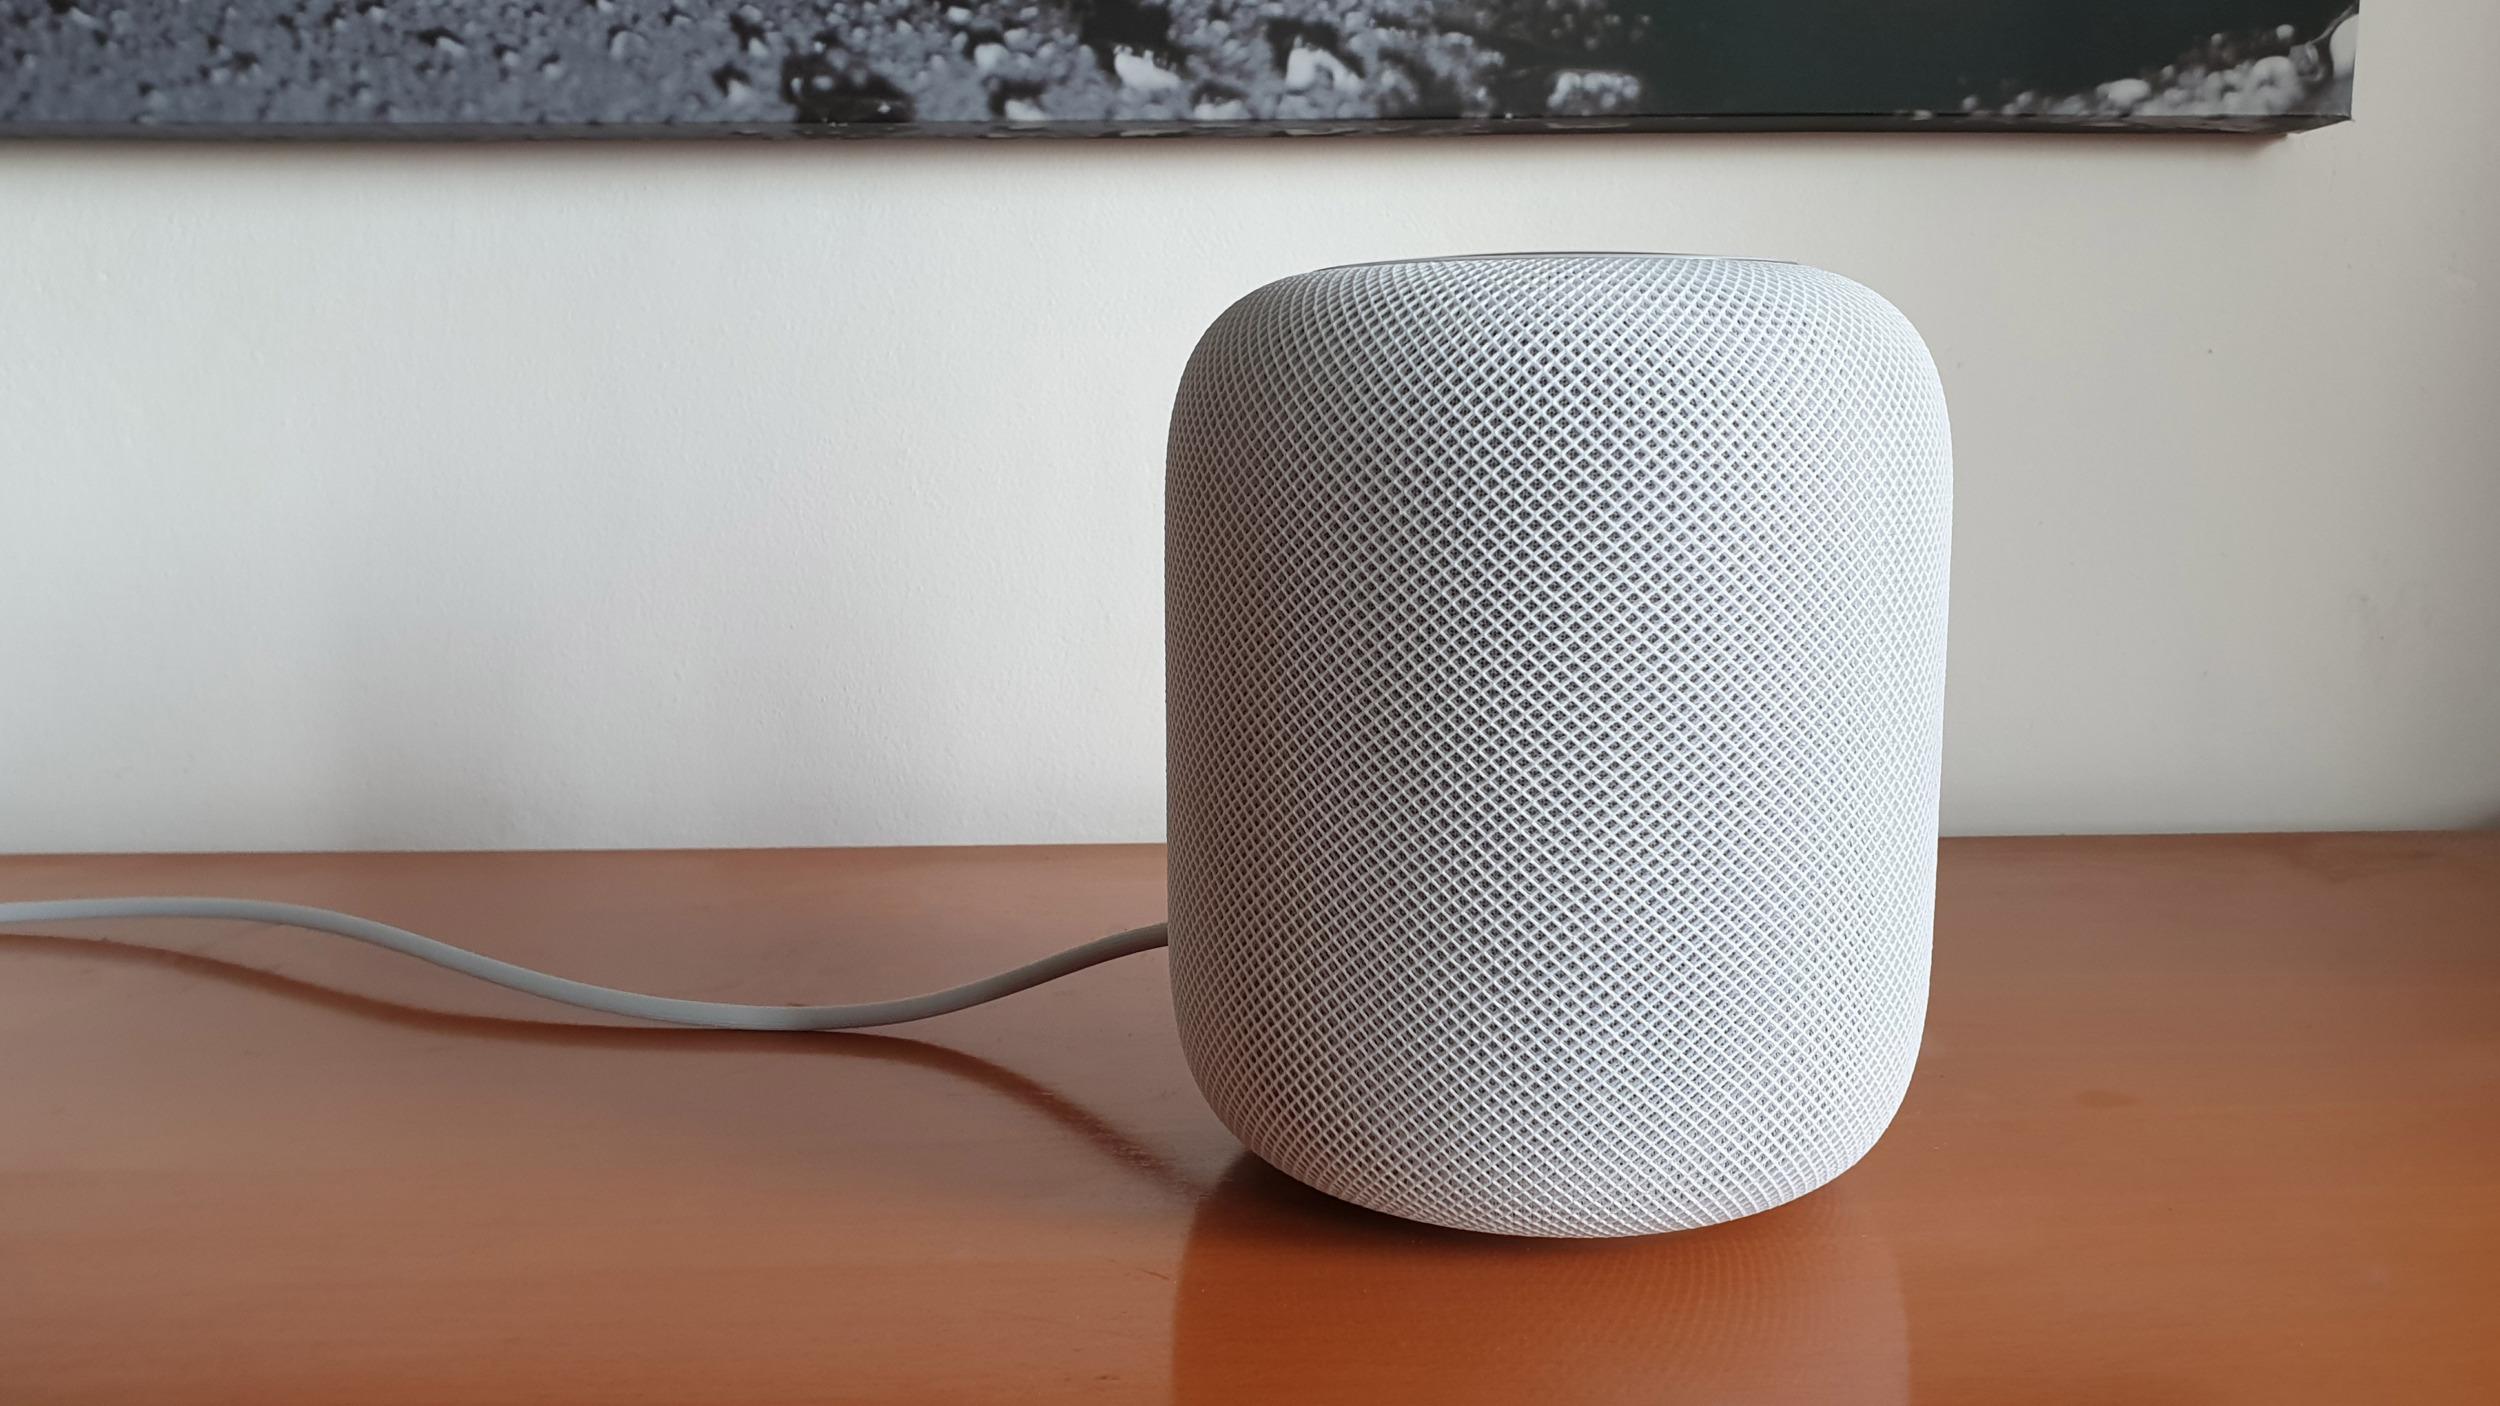 HomePod bude podporovat hudební služby třetích stran jako třeba Spotify